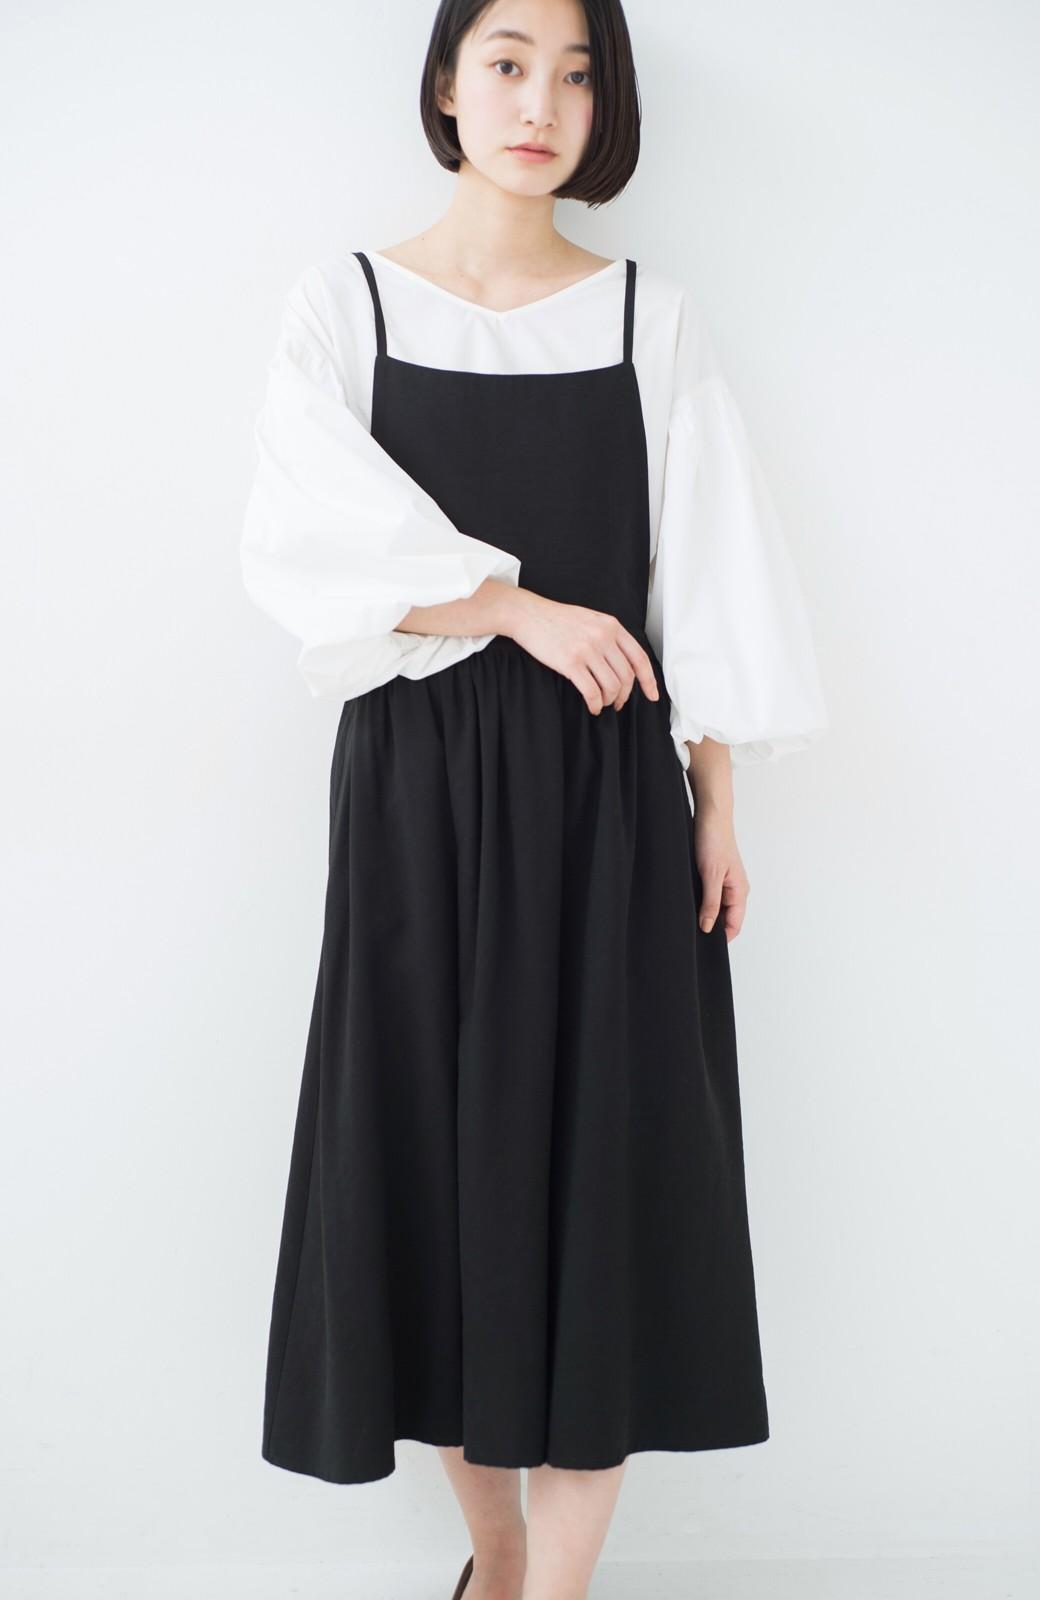 haco! シンプルな服に合わせるだけでかわいいエプロンワンピース <ブラック>の商品写真1